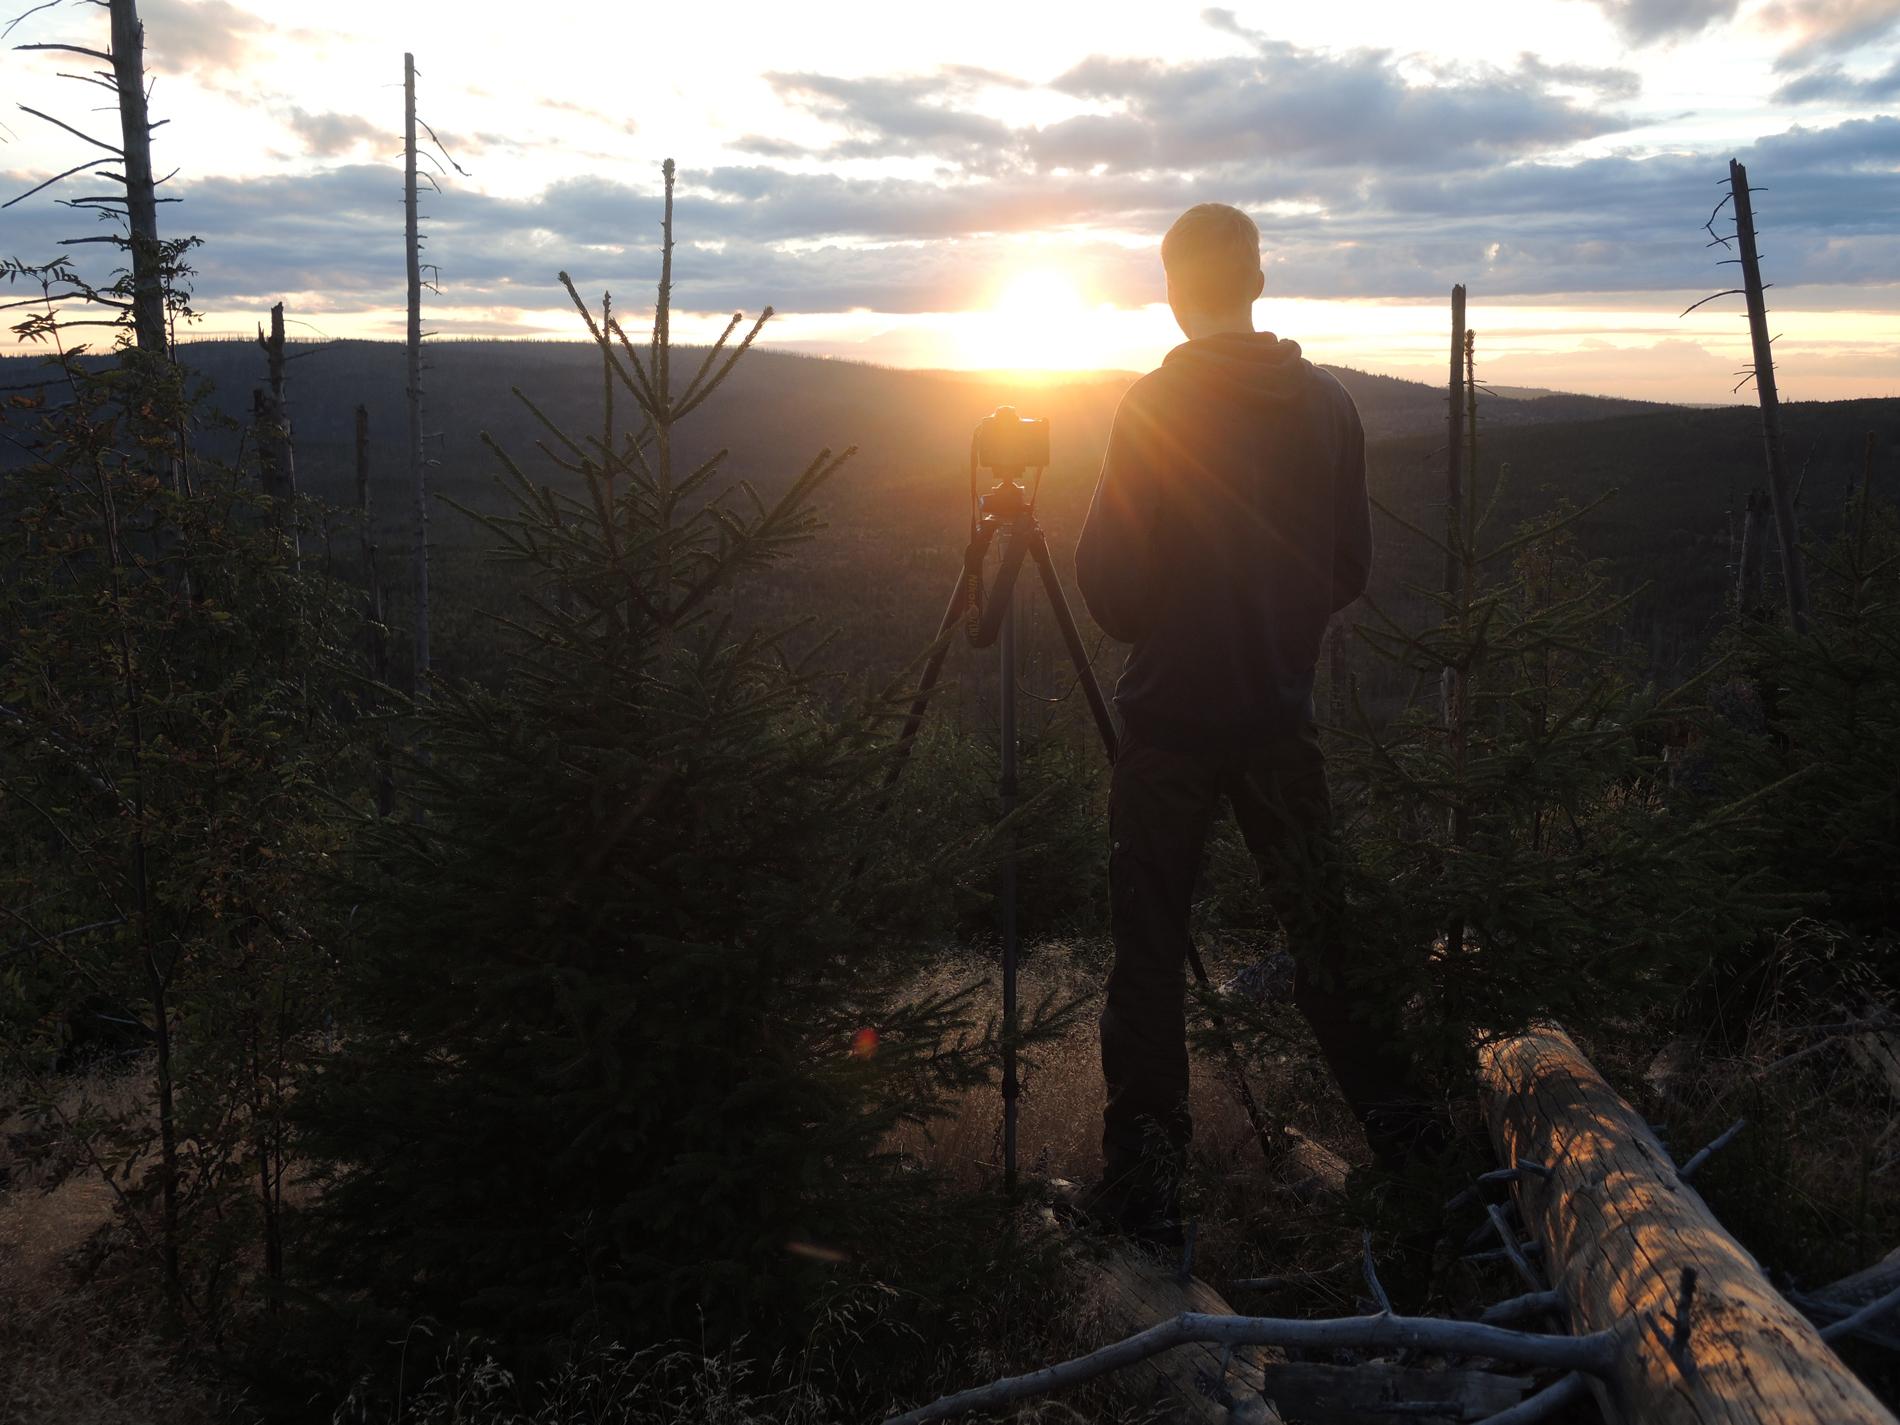 Sonnenuntergang am Siebensteinkopf